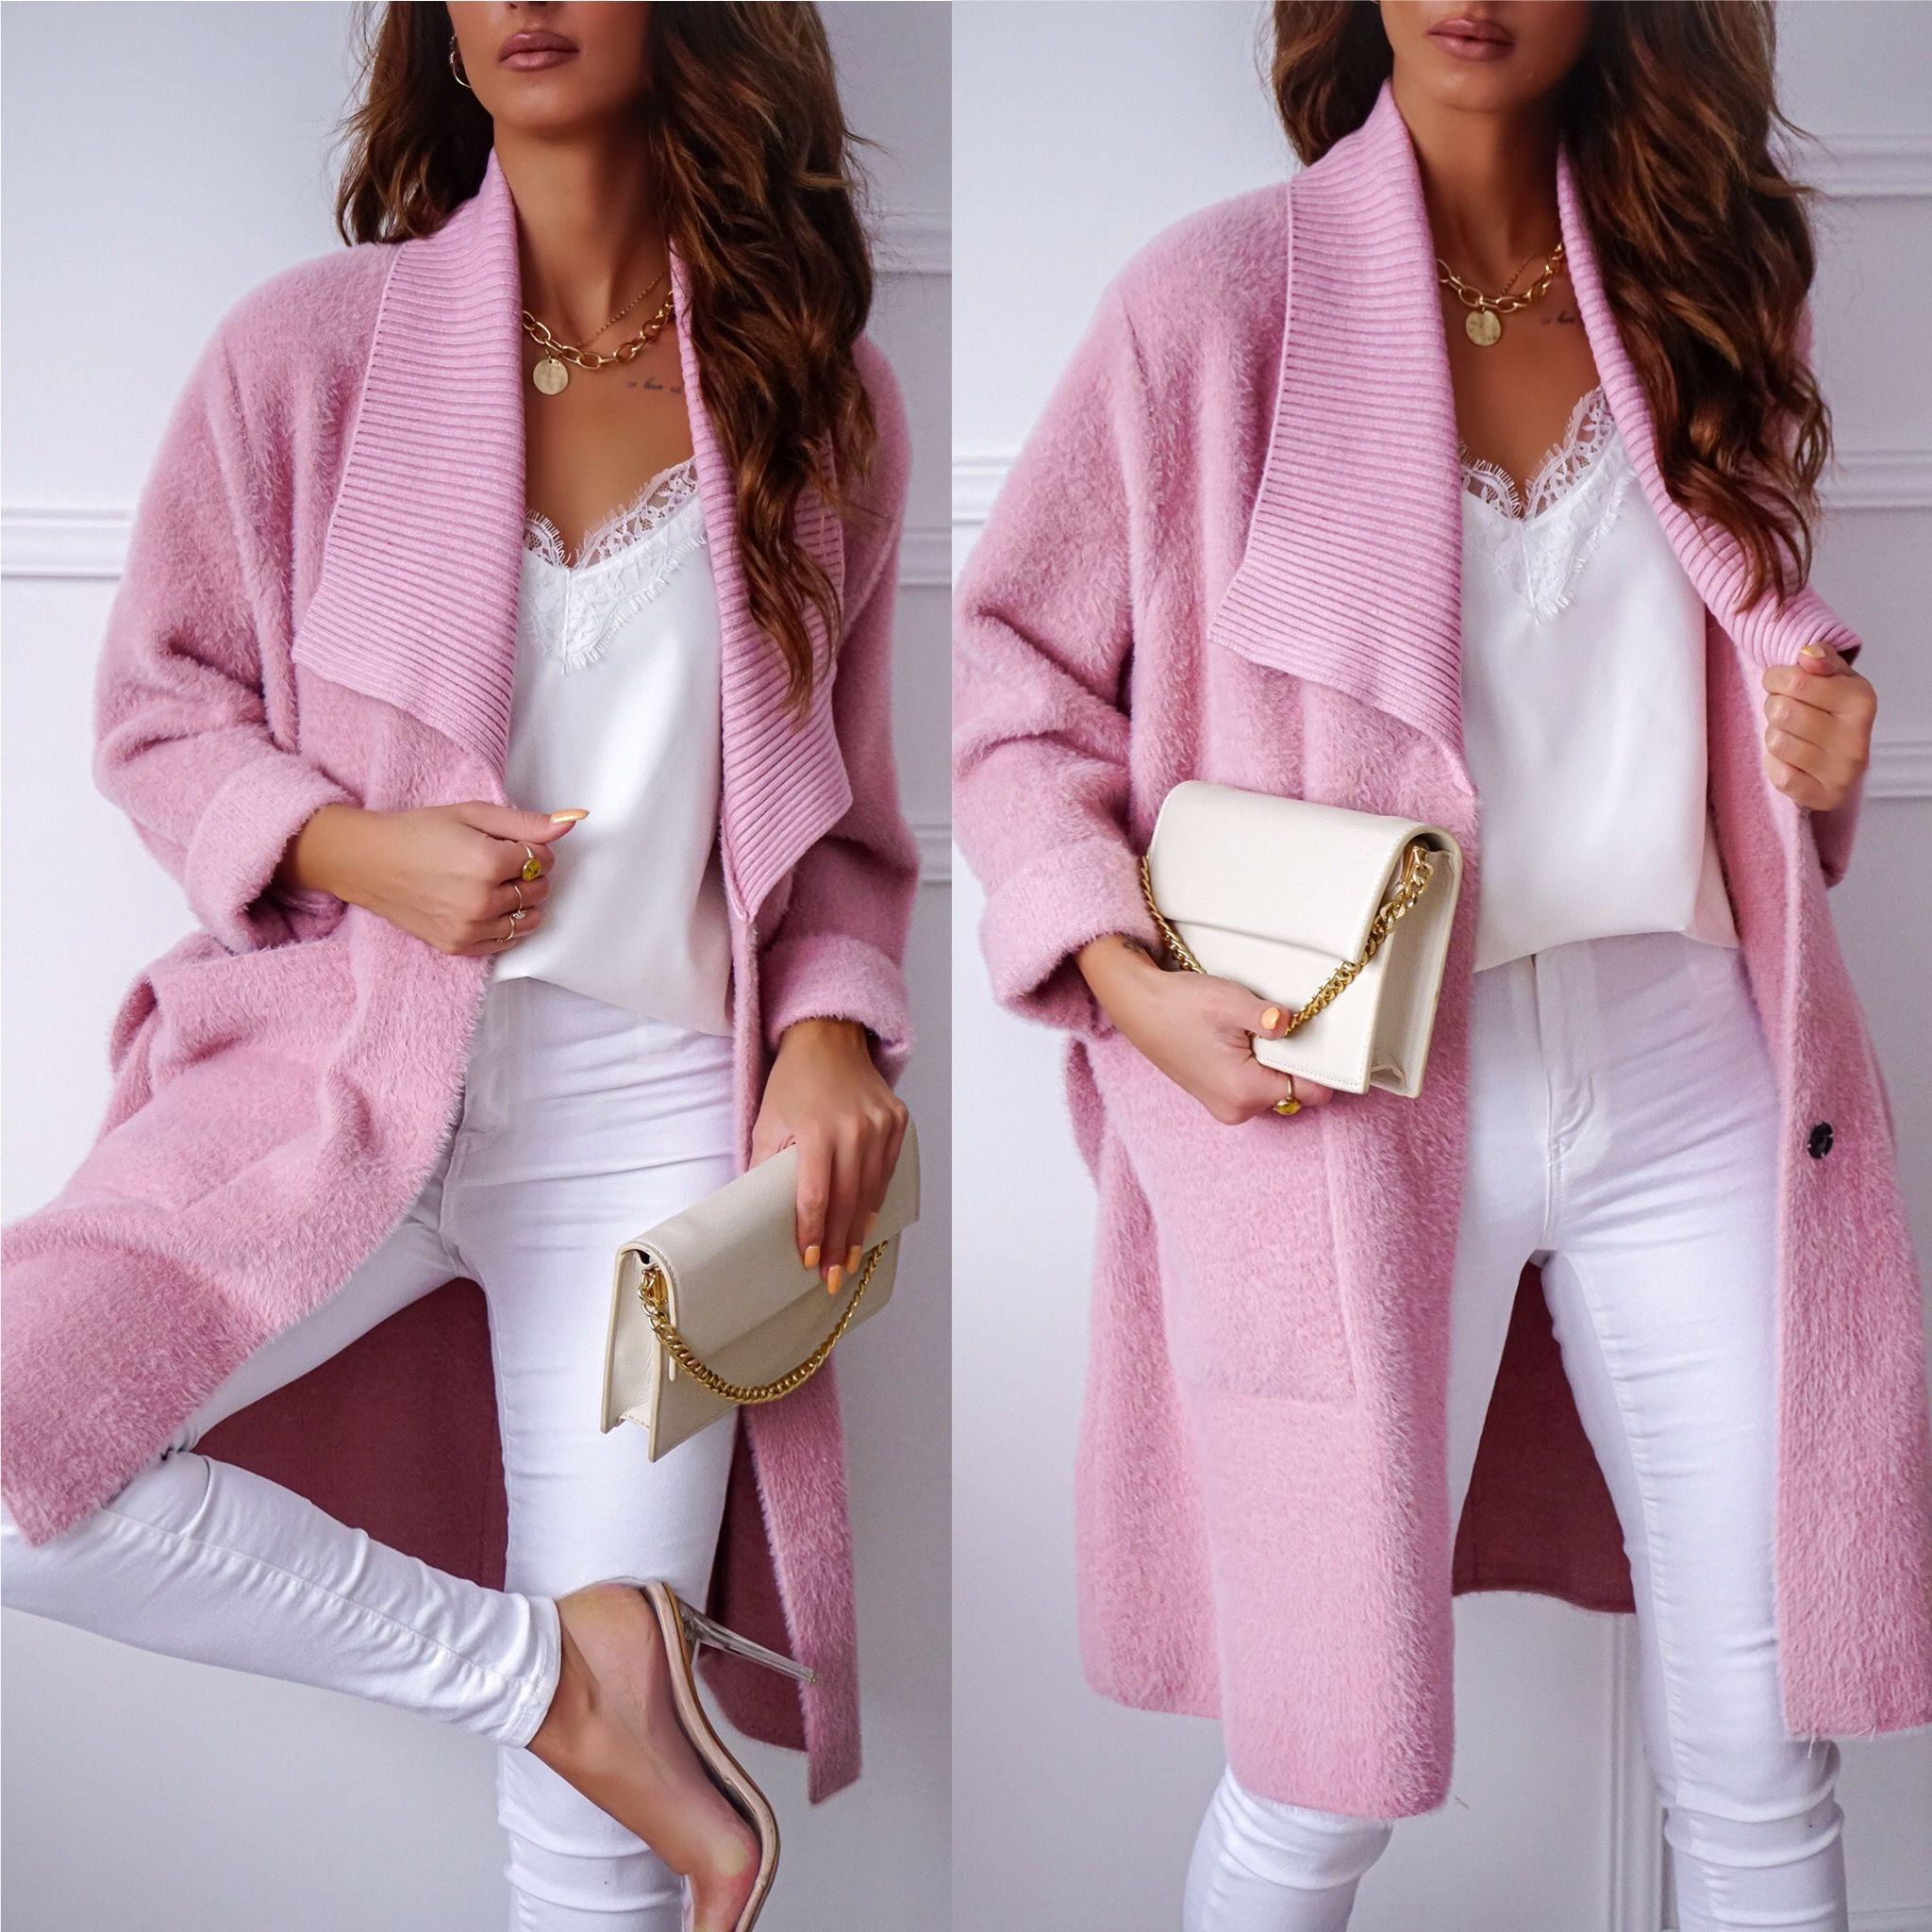 Plaszcz Zara Alpak Pudrowy Roz Fashion Women S Blazer Women